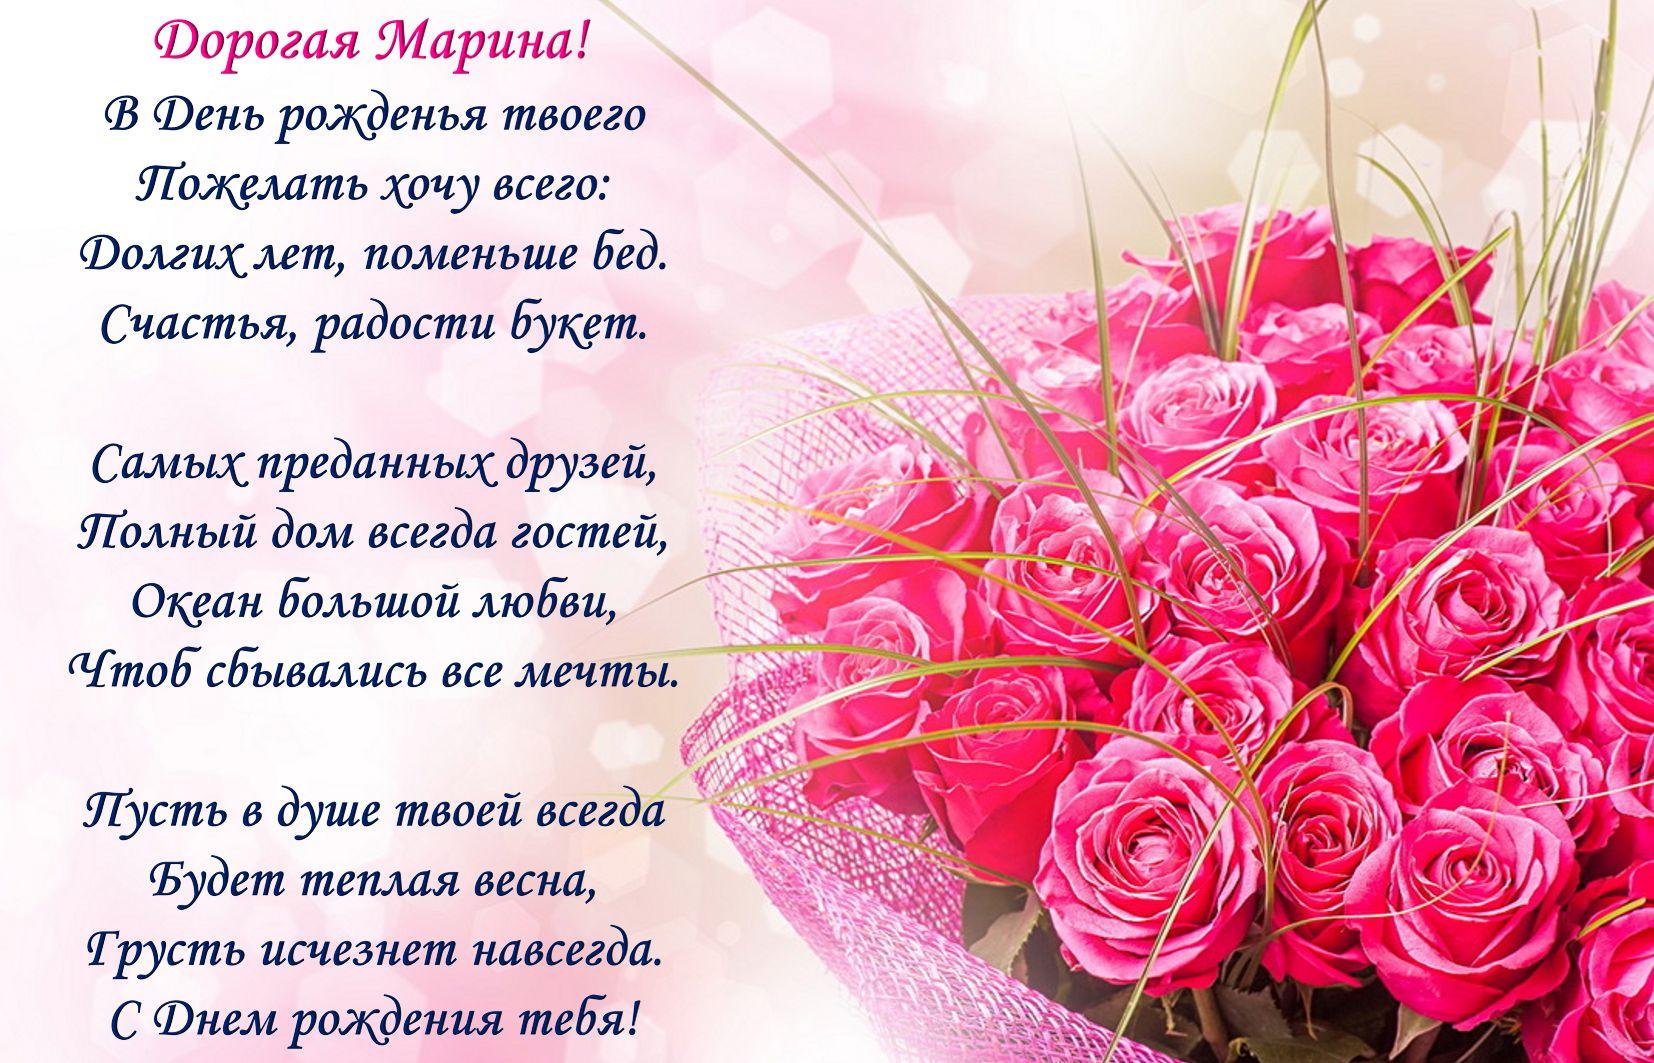 Красивые розы Марине на День рождения